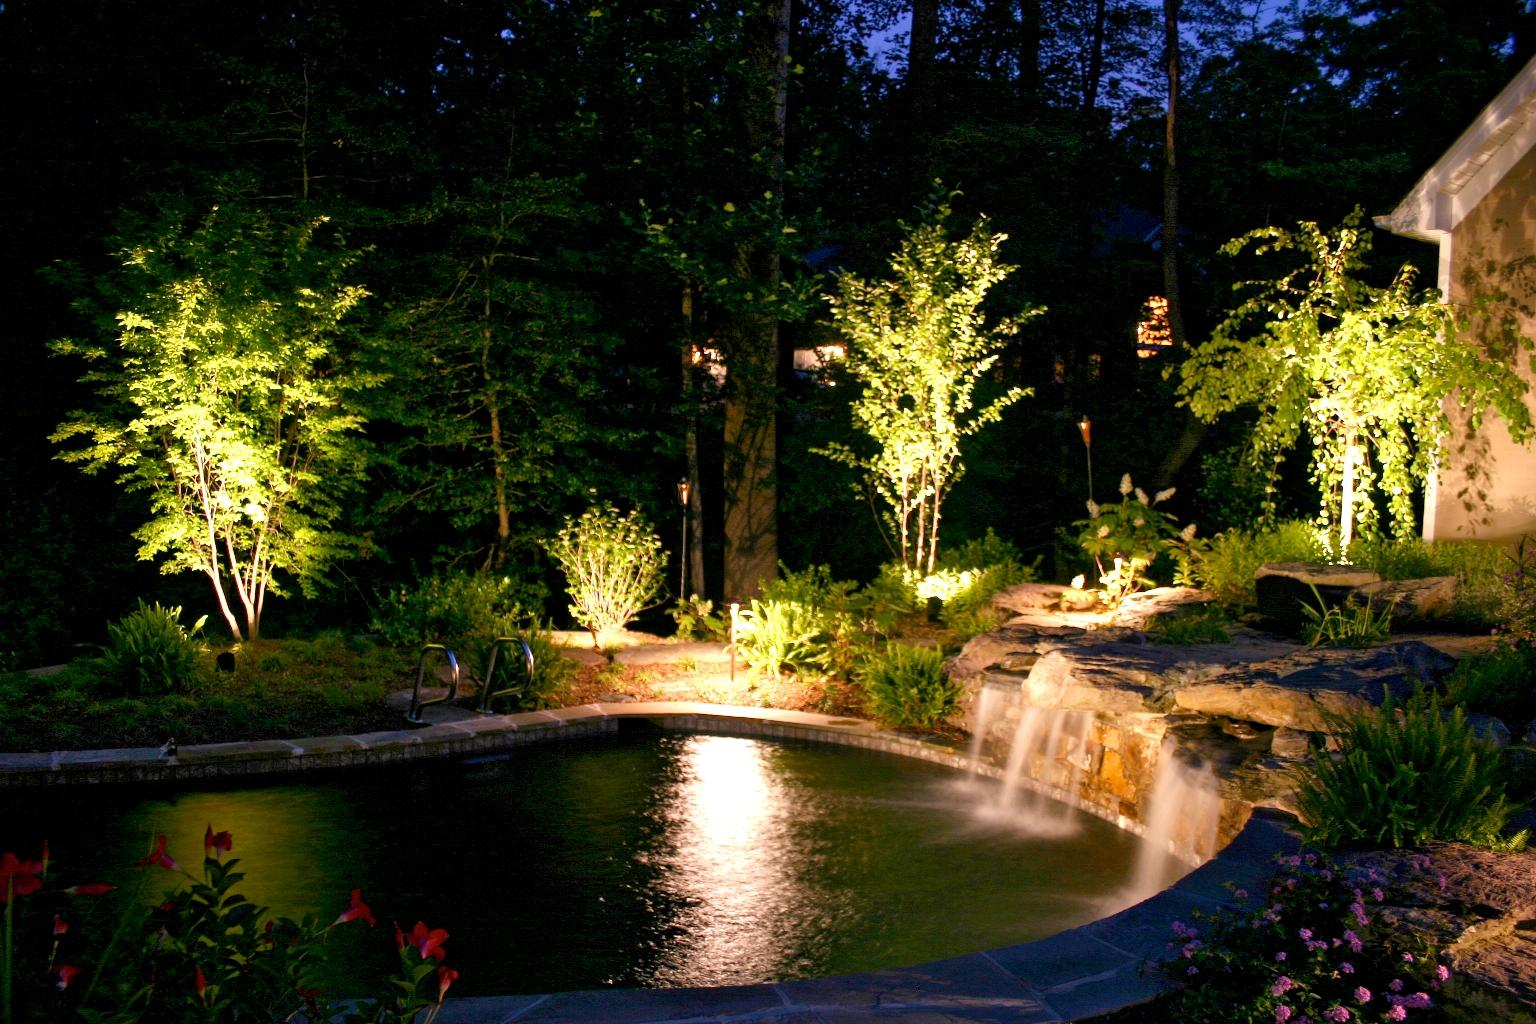 правильно сконструированное садовое освещение